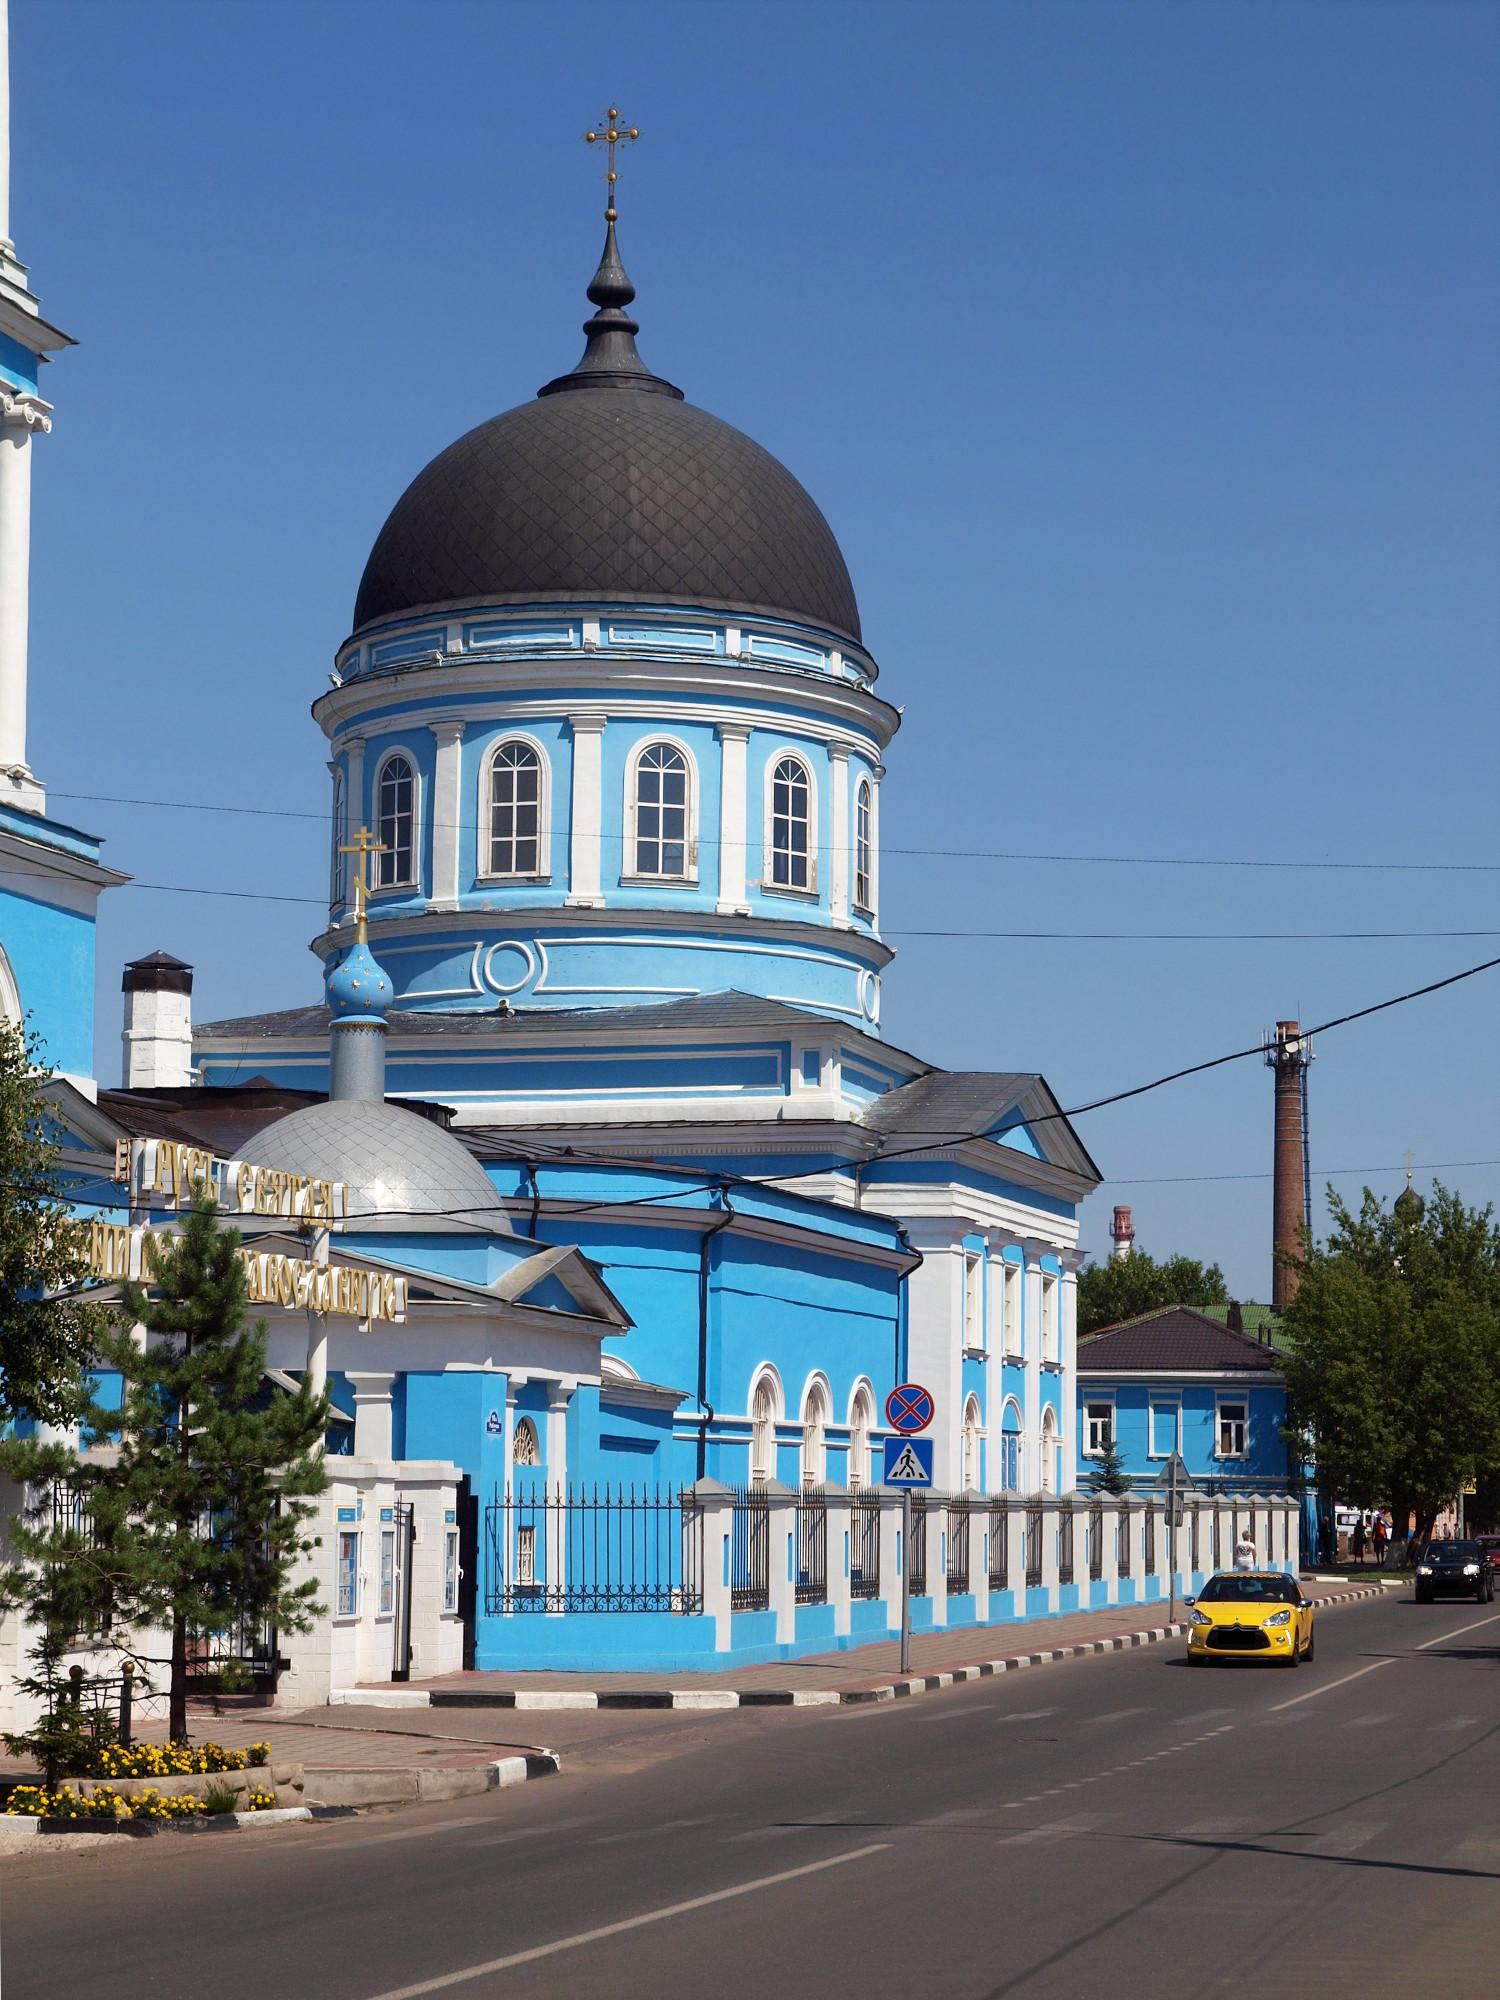 Фото ногинск изготовление памятников на заказ ярославль цена